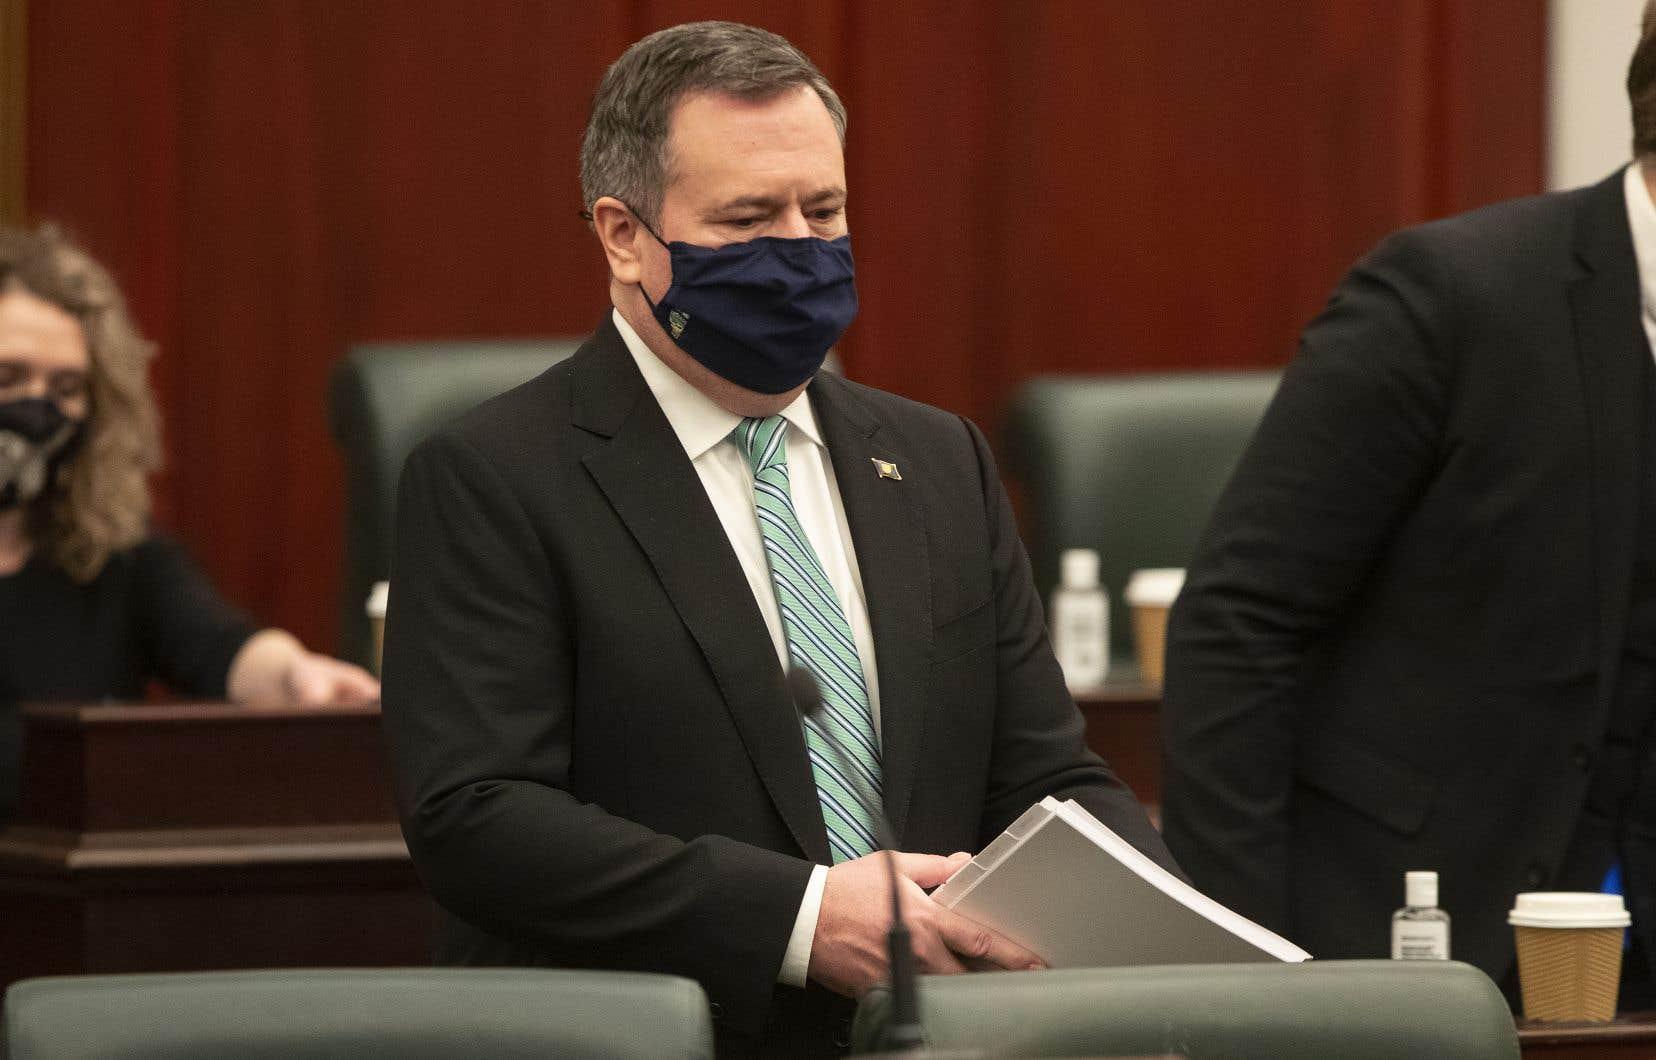 Le premier ministre albertain, Jason Kenney, a déclaré que les trois prochaines semaines seraient critiques et que la province risque la catastrophe si la propagation du virus n'est pas rapidement maîtrisée.